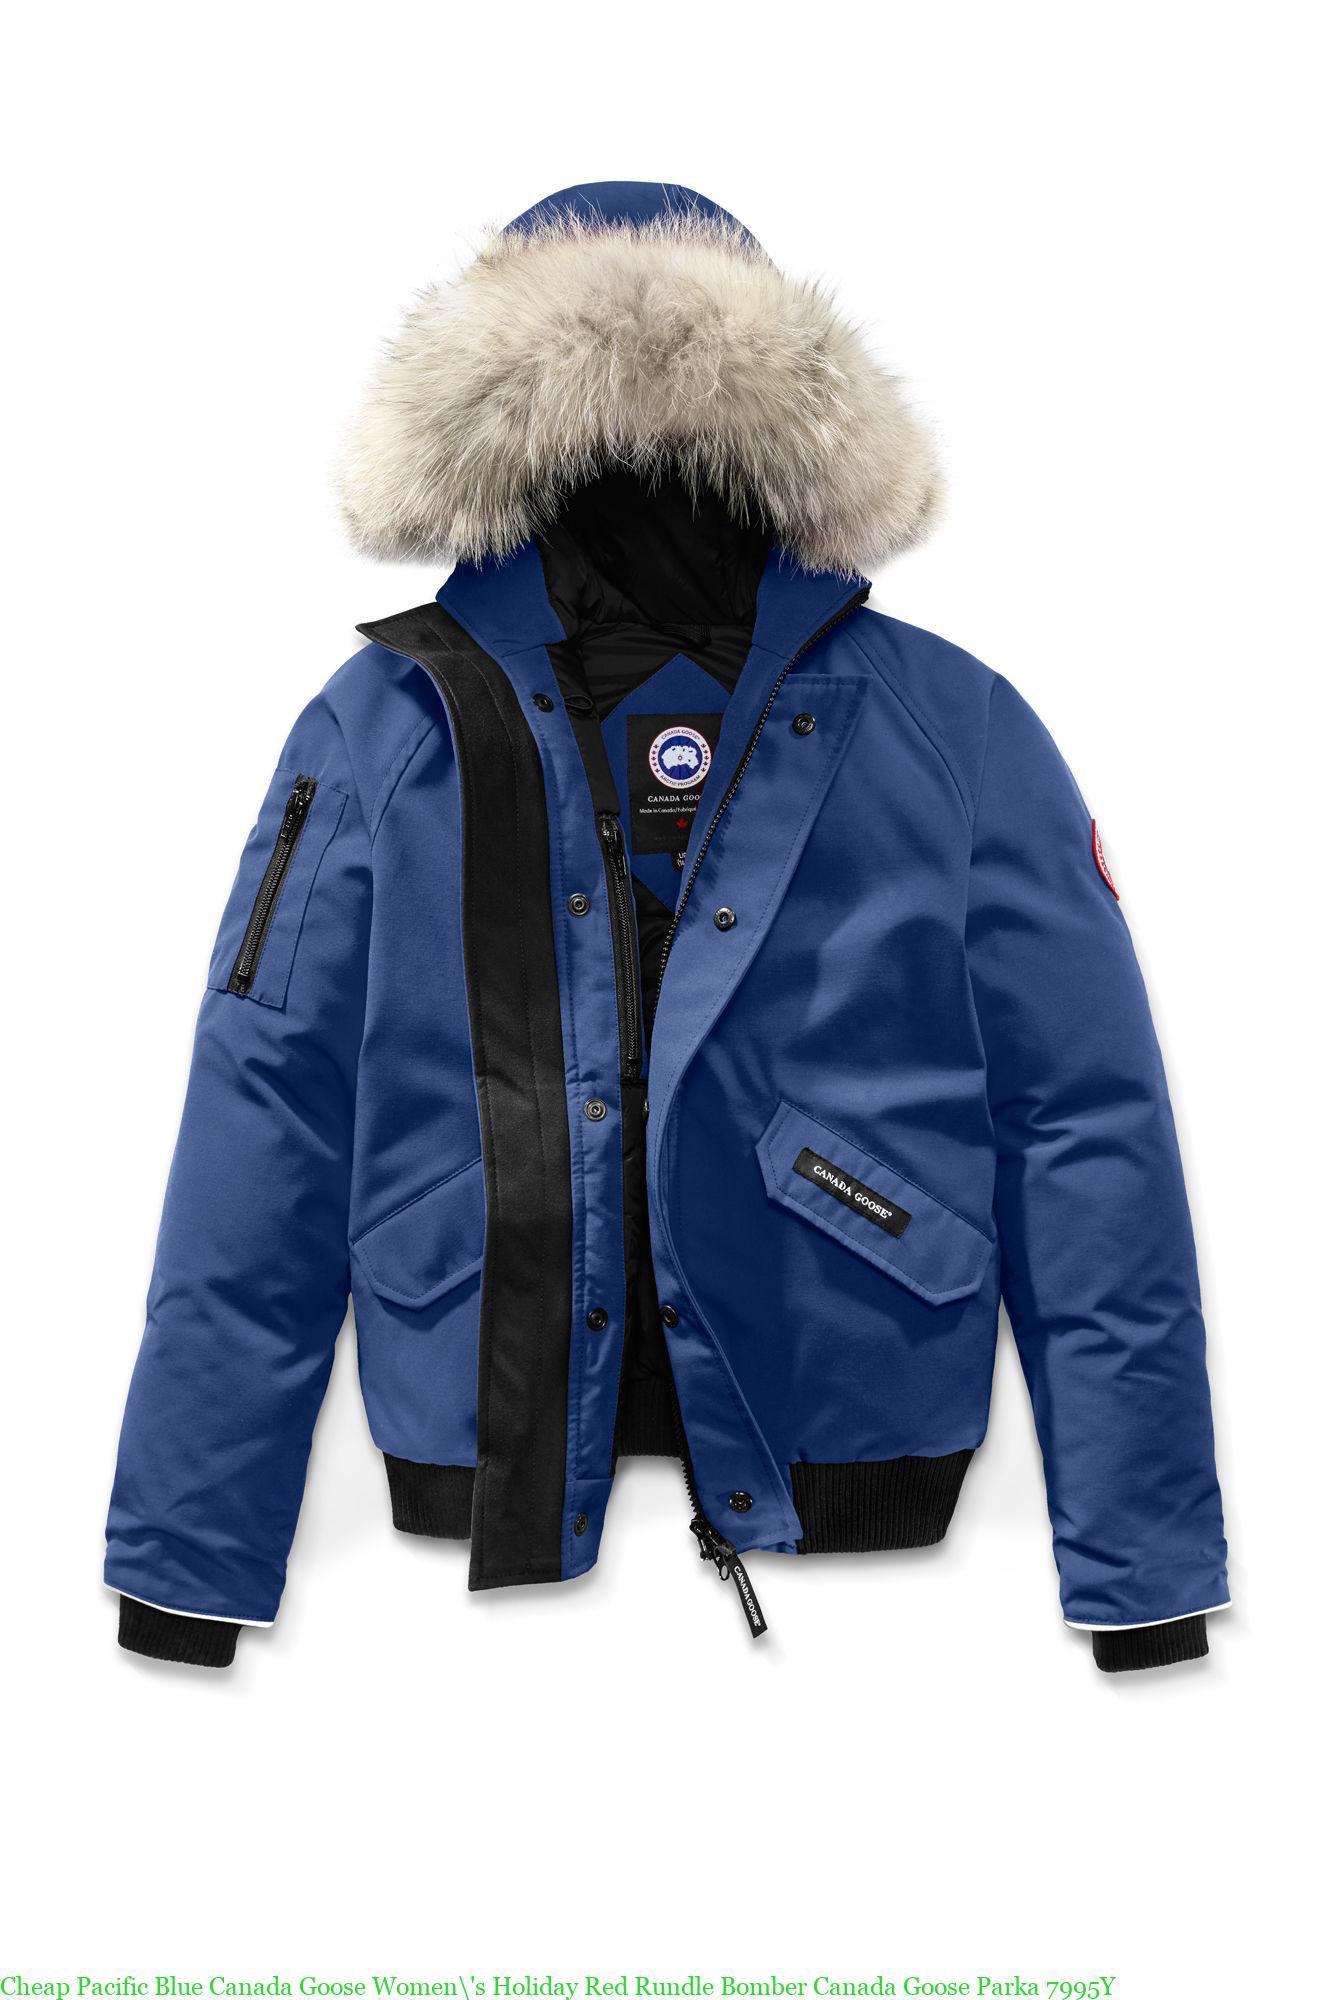 Canada Goose Blue Rundle Bomber Jacket